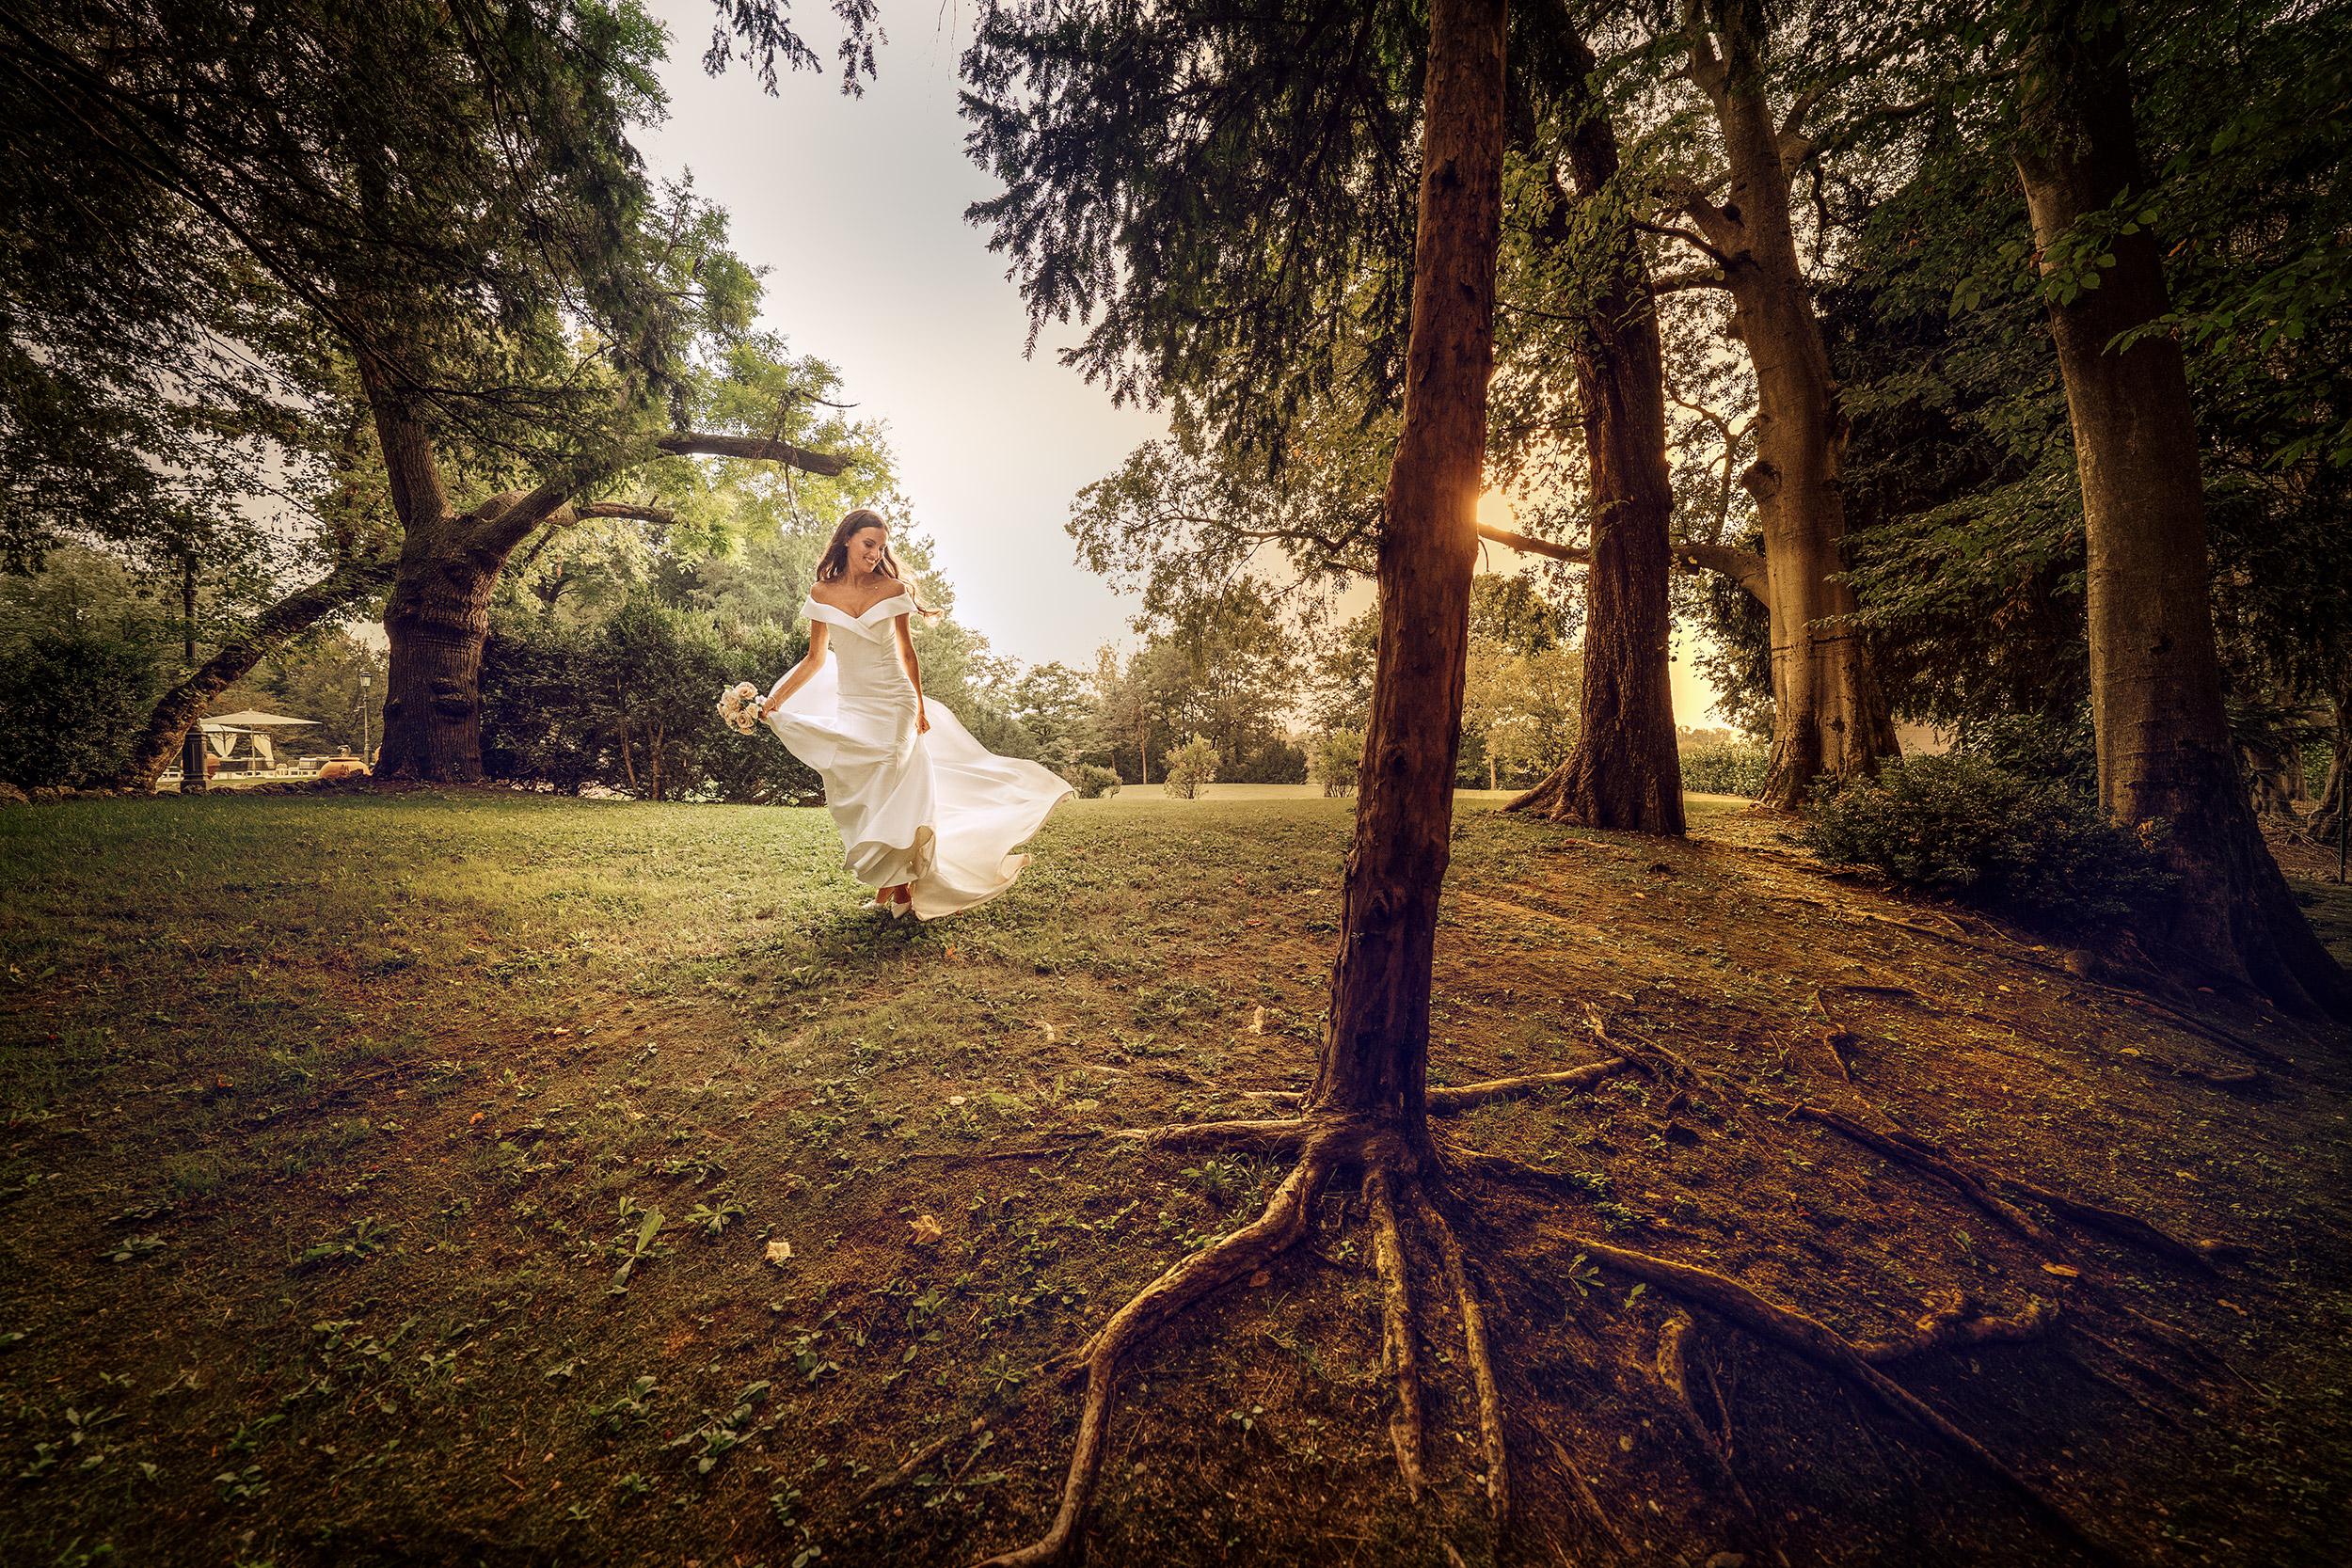 001 reportage sposi foto matrimonio wedding villa mattioli monza brianza 1